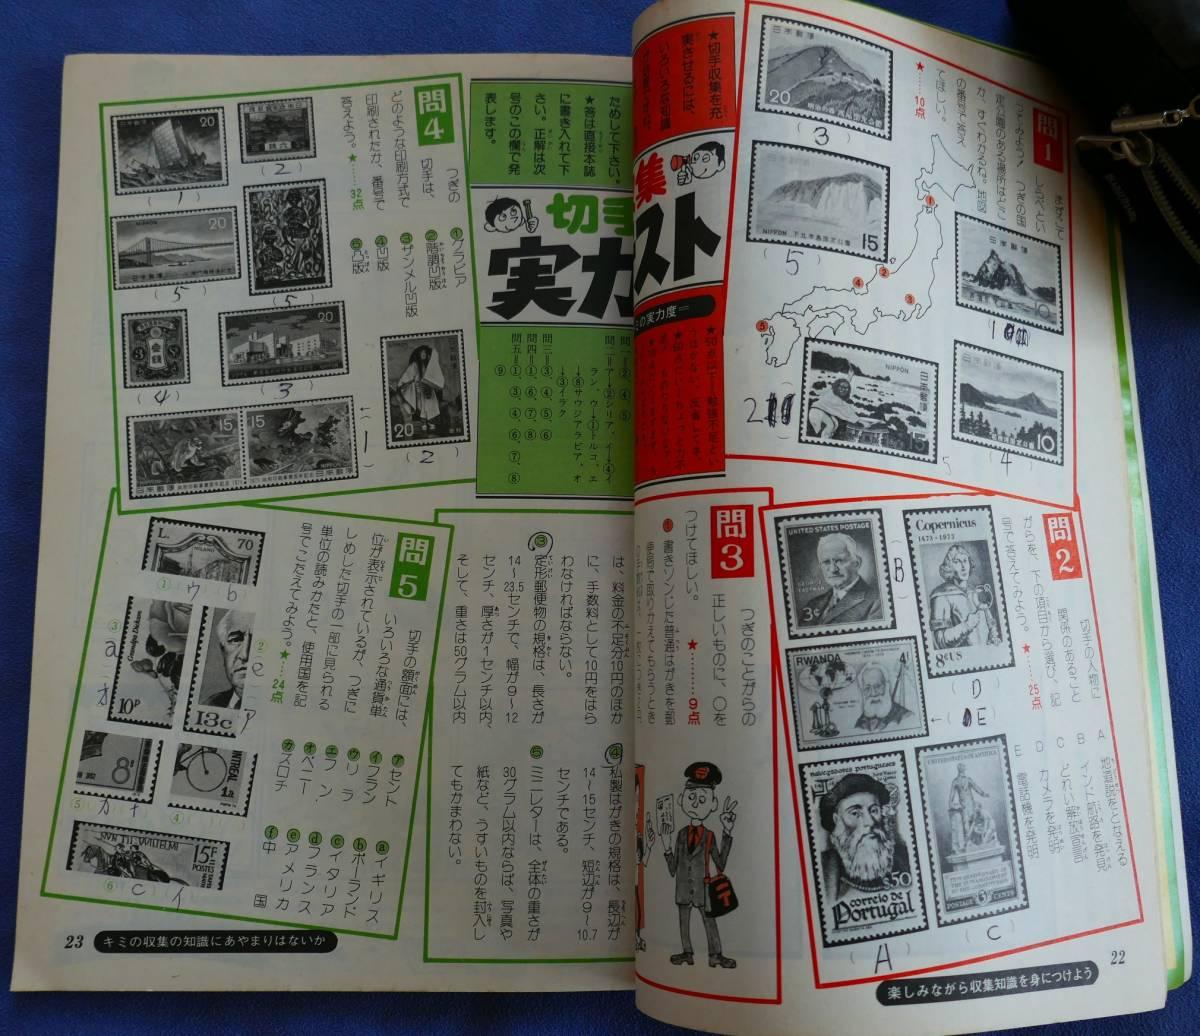 1977年3月号★スタンプクラブ★投書特集 外国切手収集の魅力と問題点★年代物_書き込みあり。